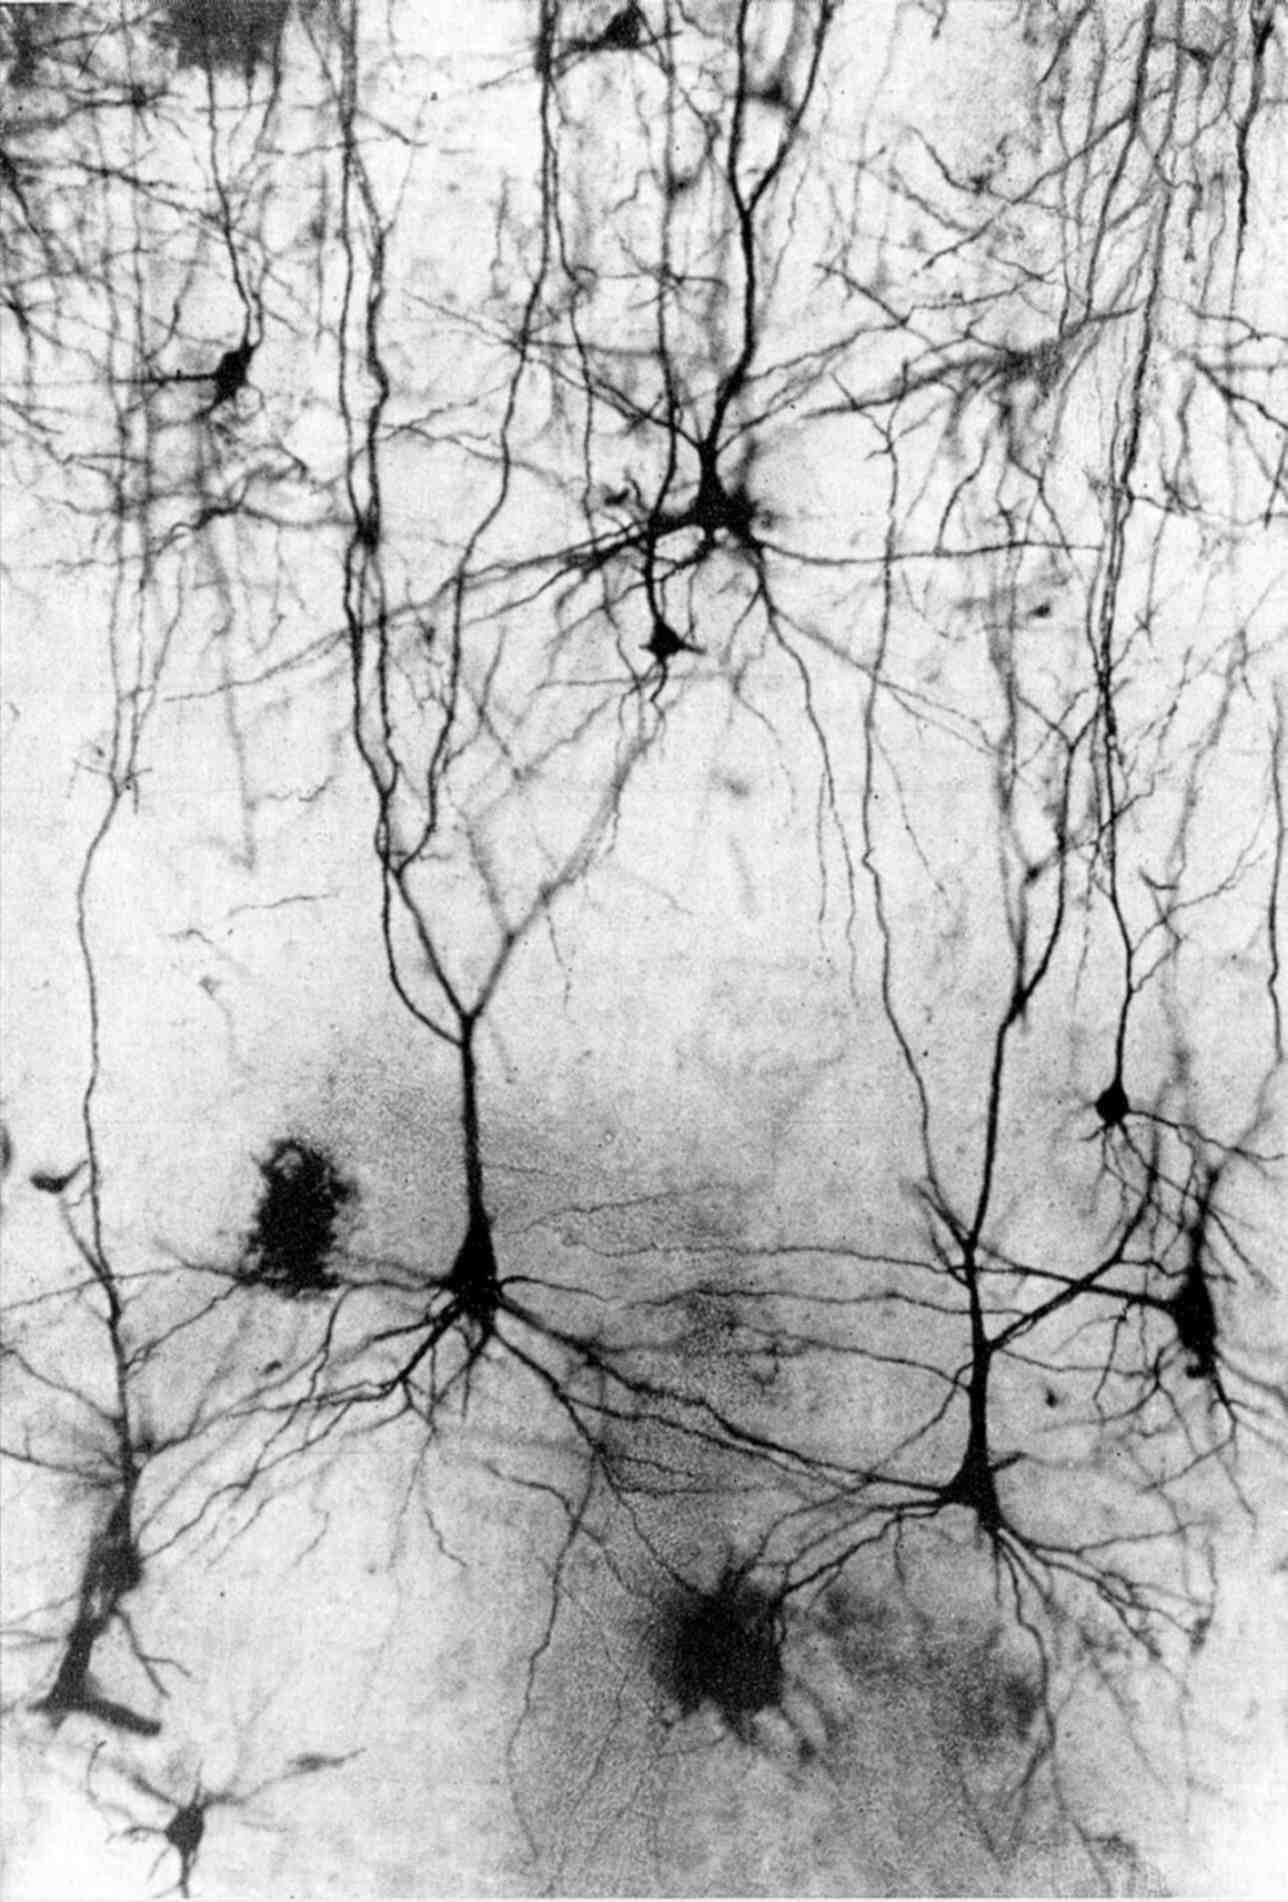 Рис. 1. Дендрион парамидного нейрона 5 слоя сенсомоторной коры кошки, метод Гольджи, ув. об. 9, ок. 12,5. Микрофото Н. С. Косицина.